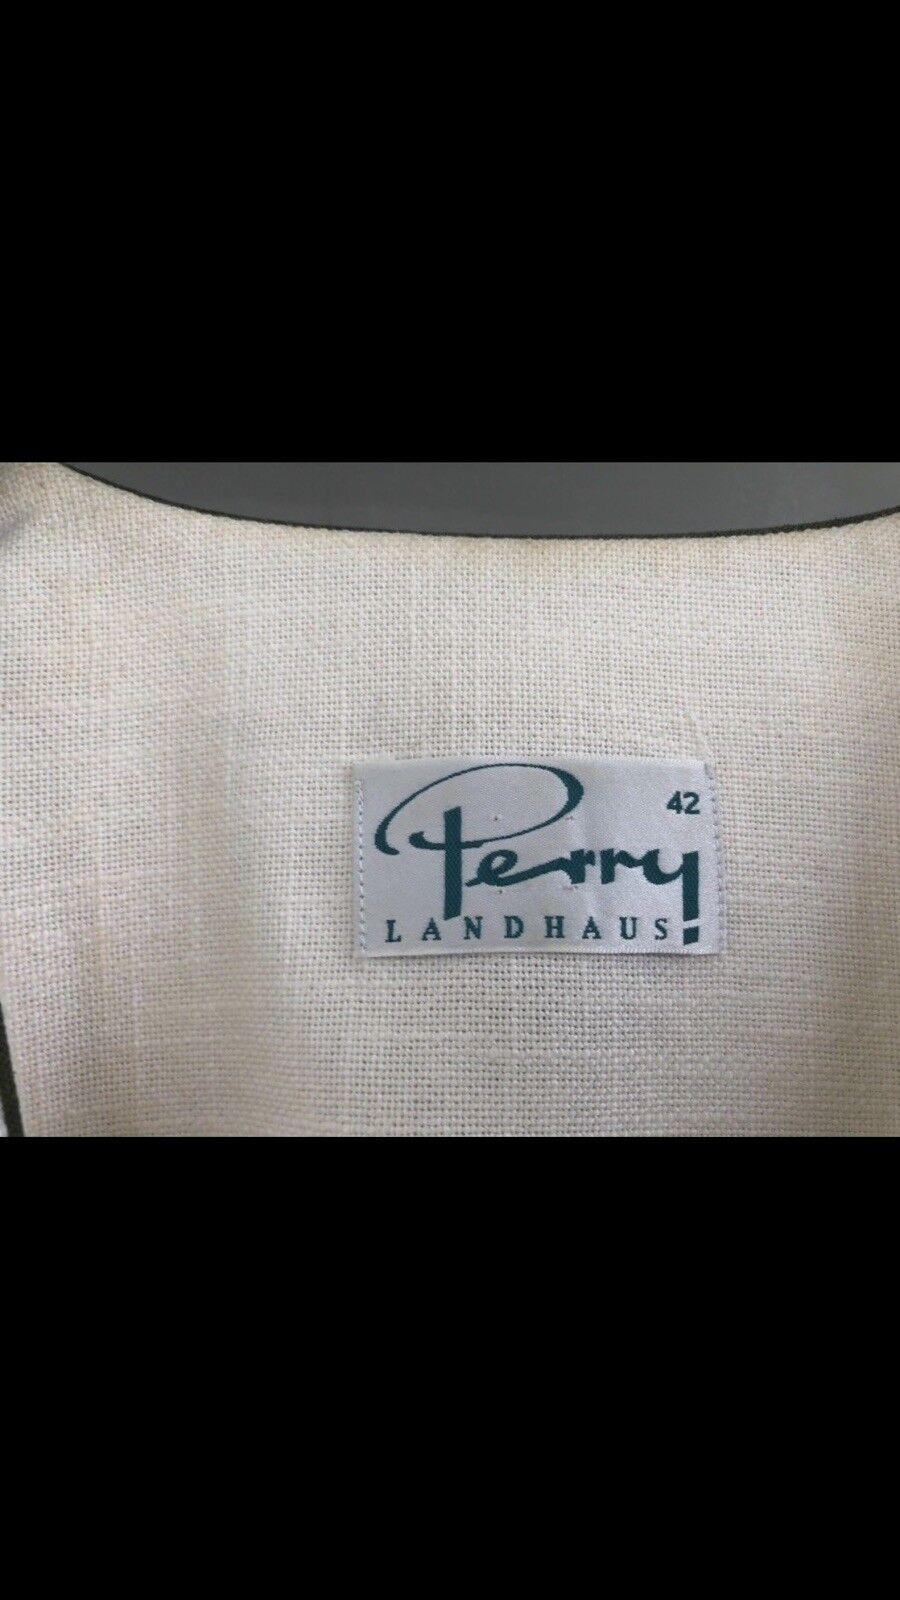 Wie Wie Wie NEU⭐️ zweiteilige Tracht Perry Landhaus aus Leinen ⭐️ NP | Auf Verkauf  | Deutschland Shops  | Offizielle Webseite  8b69e3